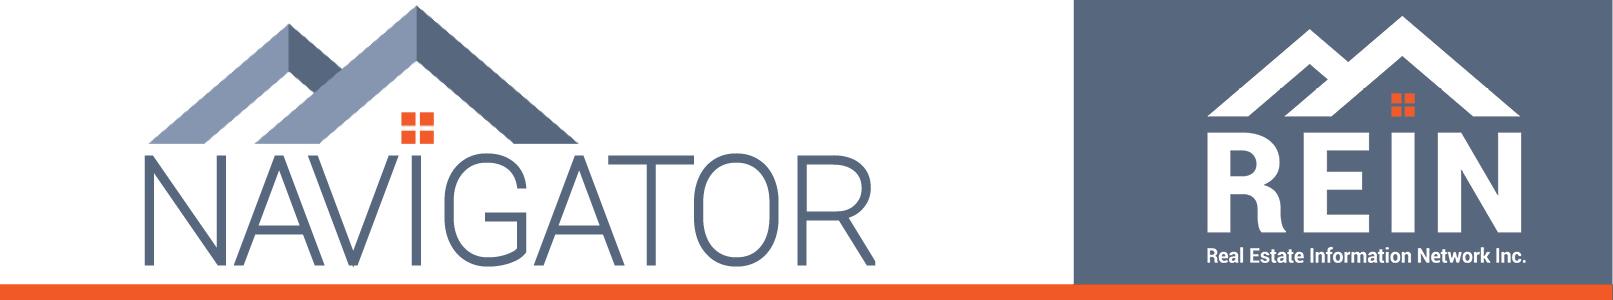 Navigator Newsletter header